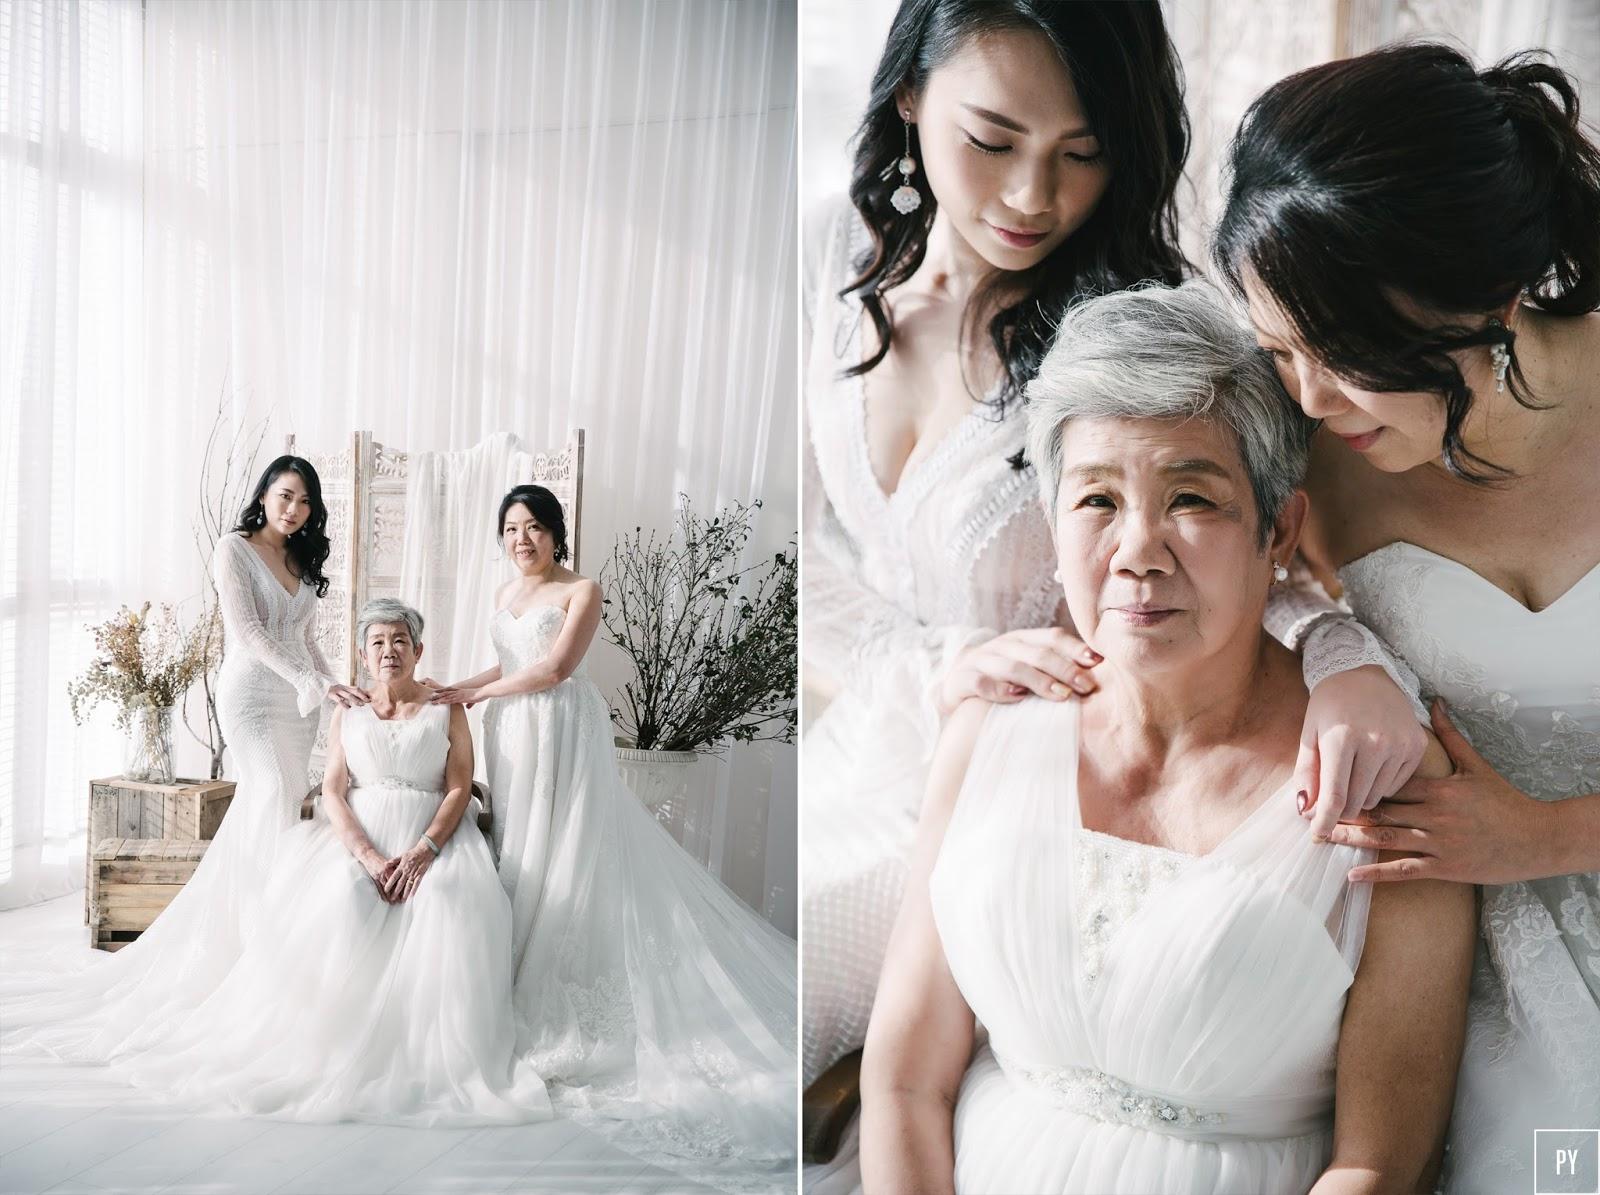 婚紗寫真, 台中攝影棚, 派大楊, 全家福寫真, Family, Patrick Yang, 目沐影像空間, 三代同堂,